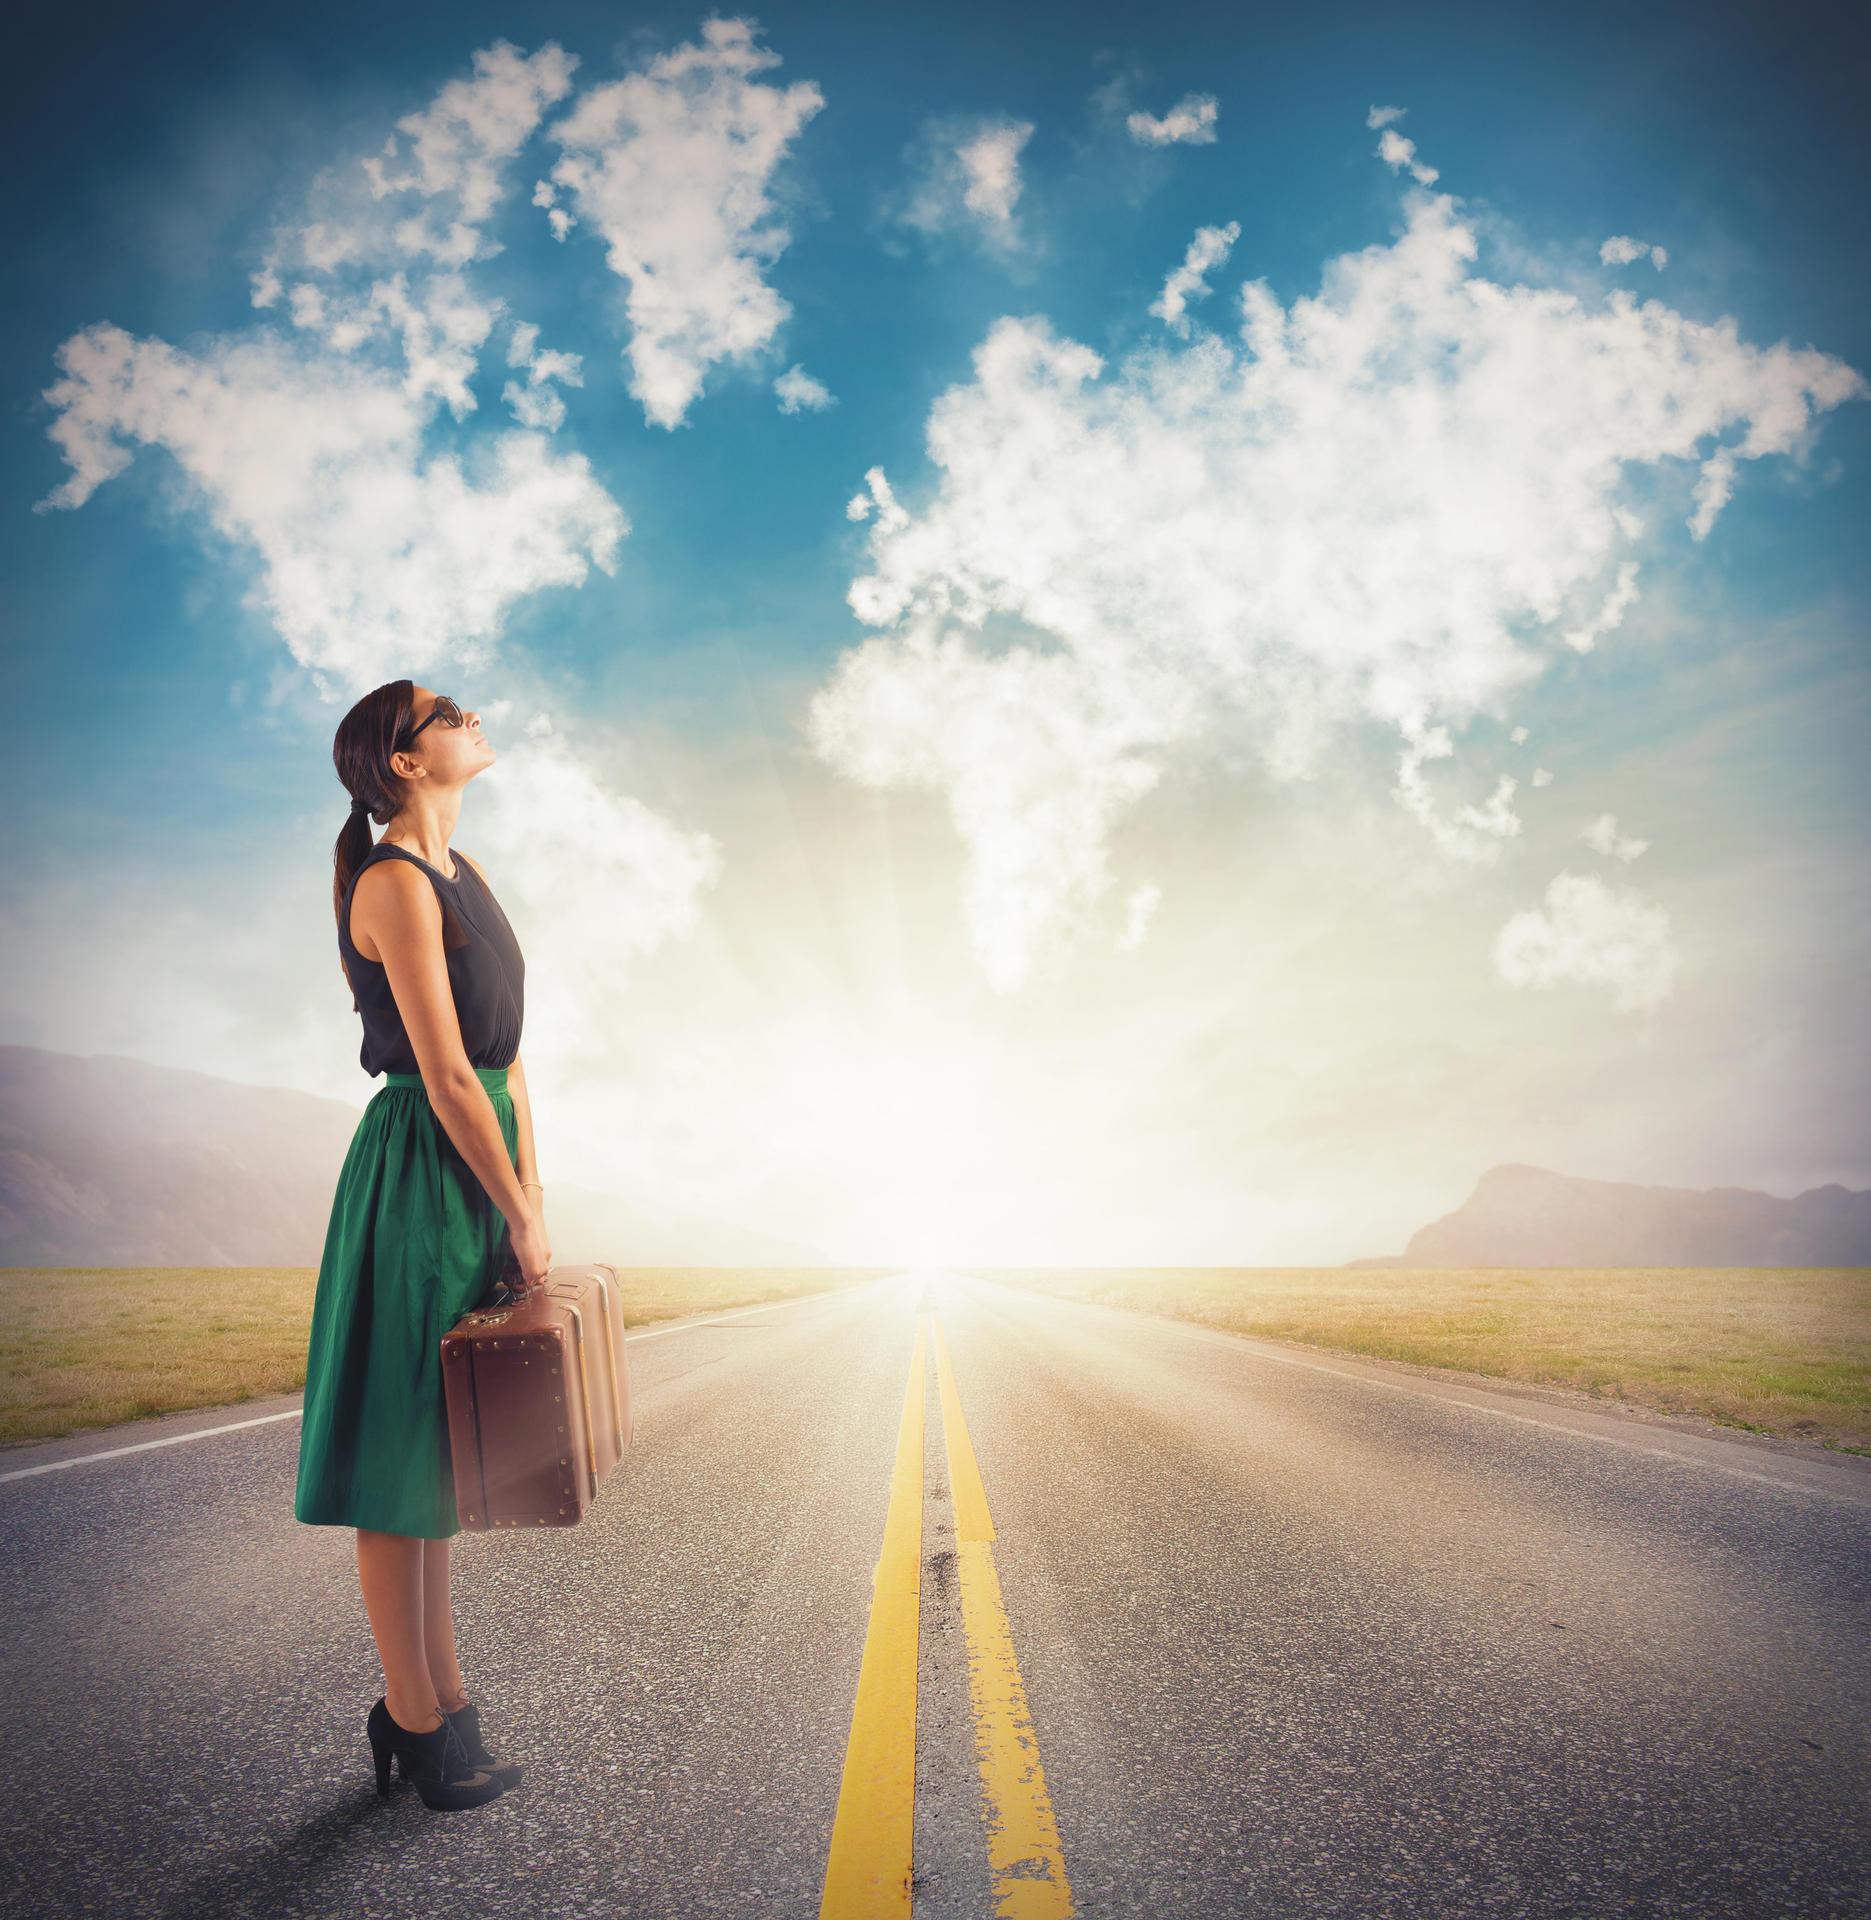 Chica en carretera observando el mundo